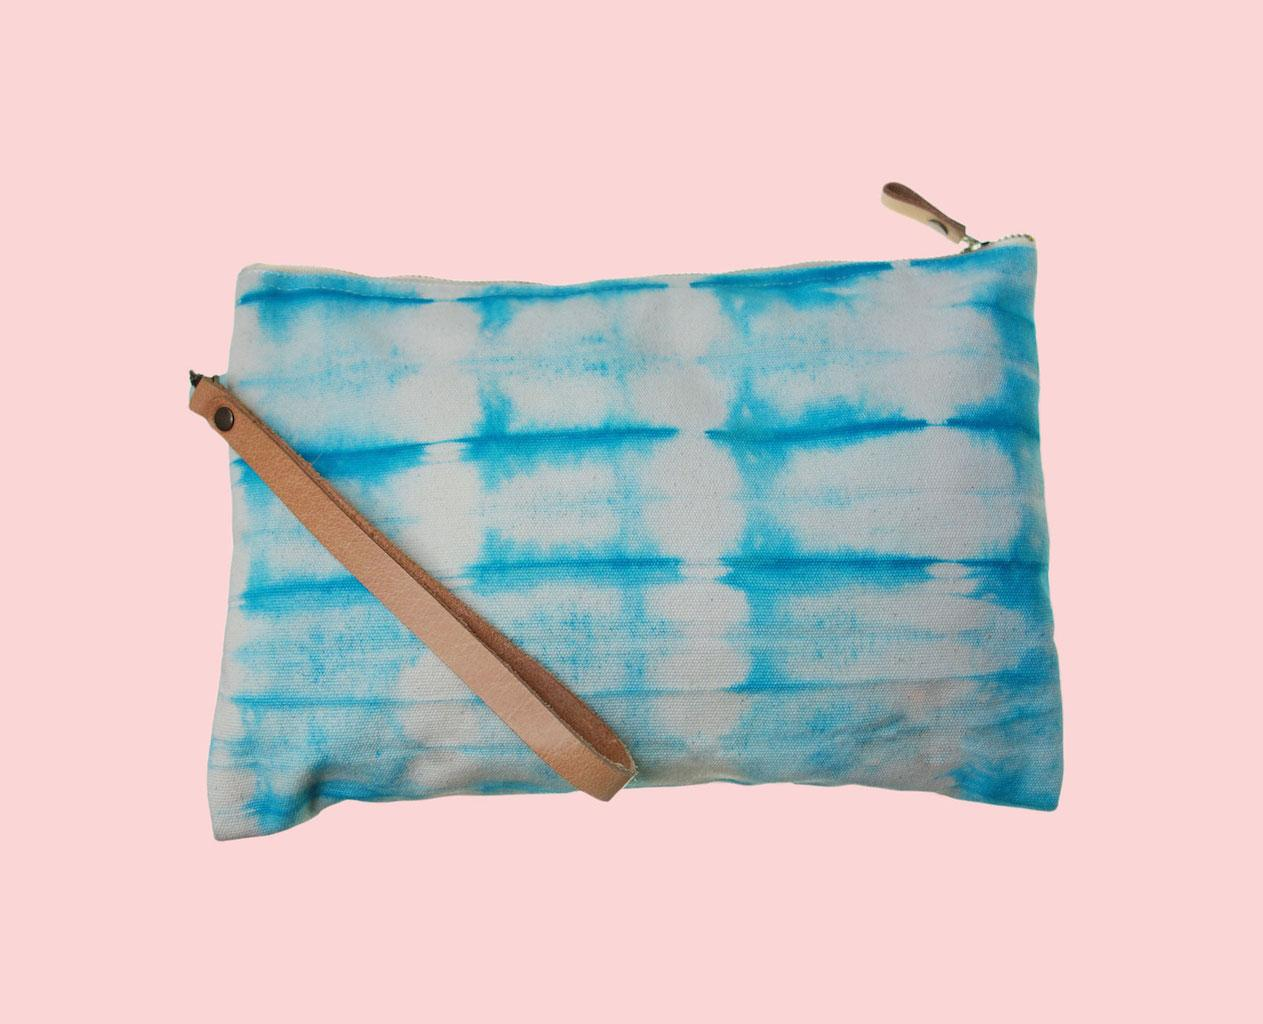 Sac pochette Saint Tropez canvas de coton ty and die turquoise anse cuir amovible